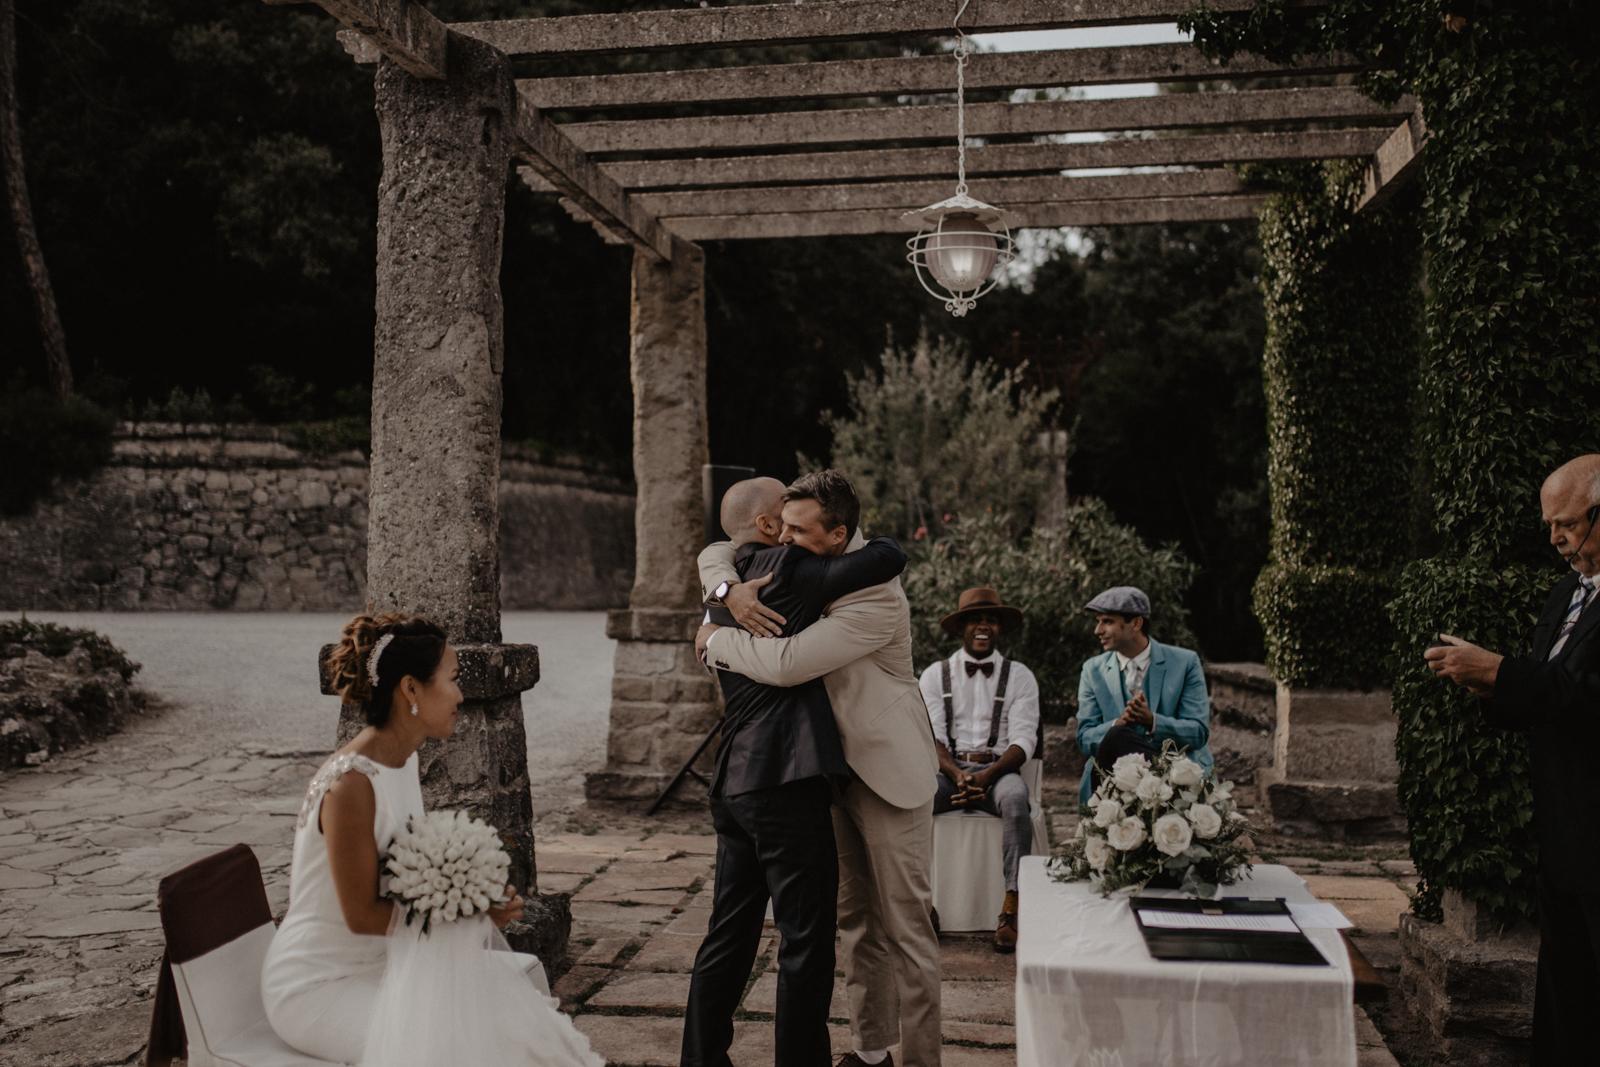 thenortherngirlphotography_photography_thenortherngirl_rebeccascabros_wedding_weddingphotography_weddingphotographer_barcelona_bodaenlabaronia_labaronia_japanesewedding_destinationwedding_shokoalbert-431.jpg